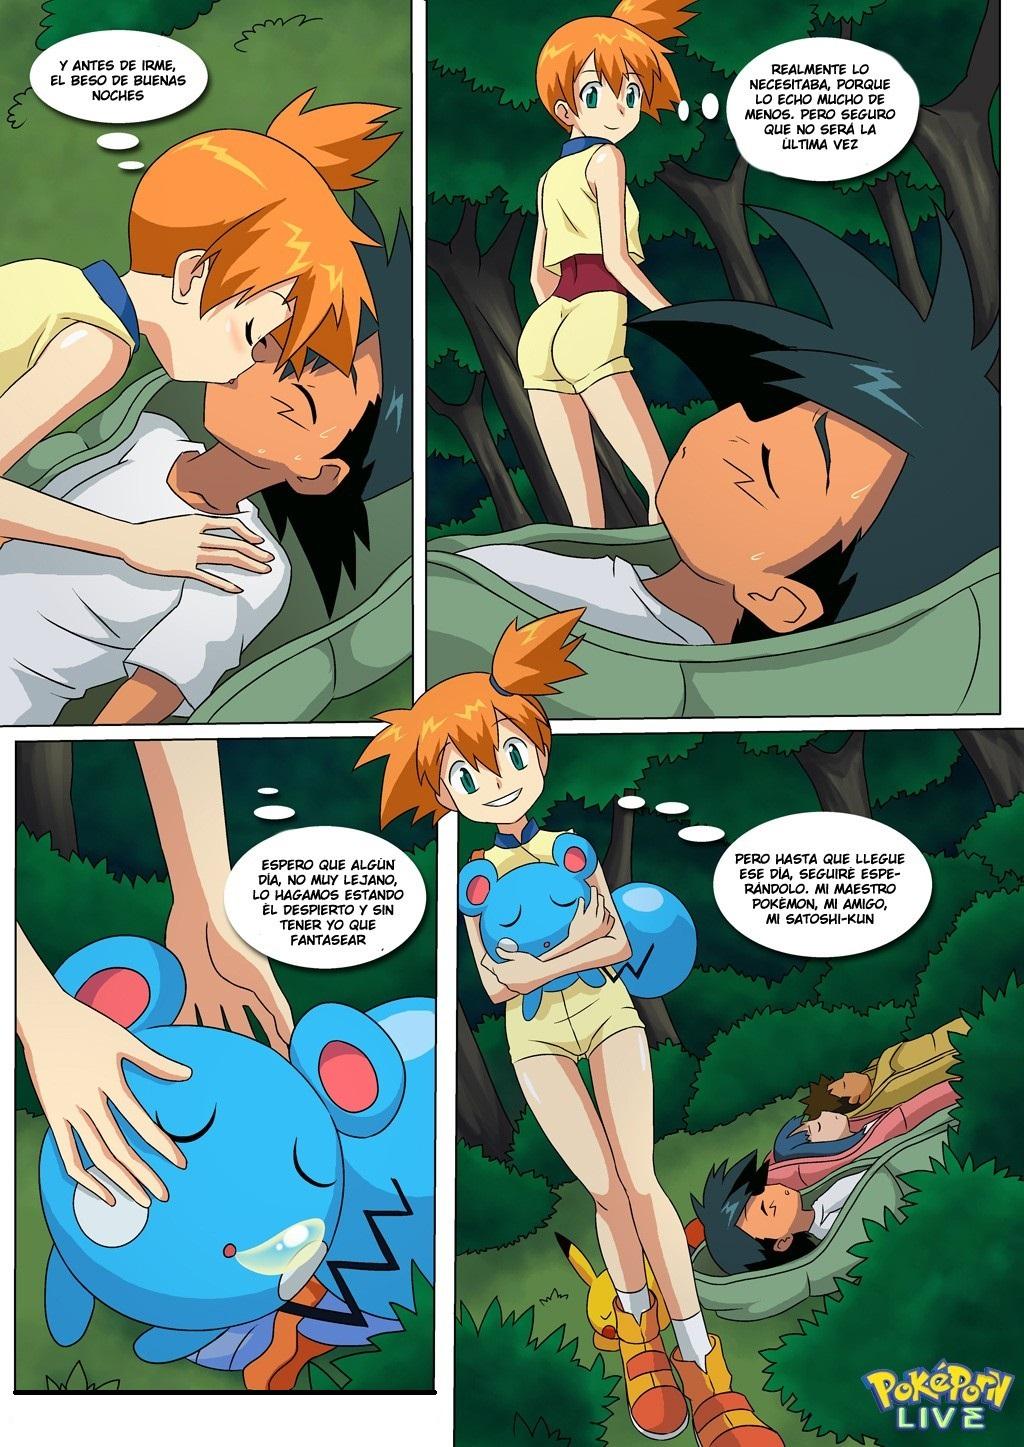 Ash and dawn kiss porn comic